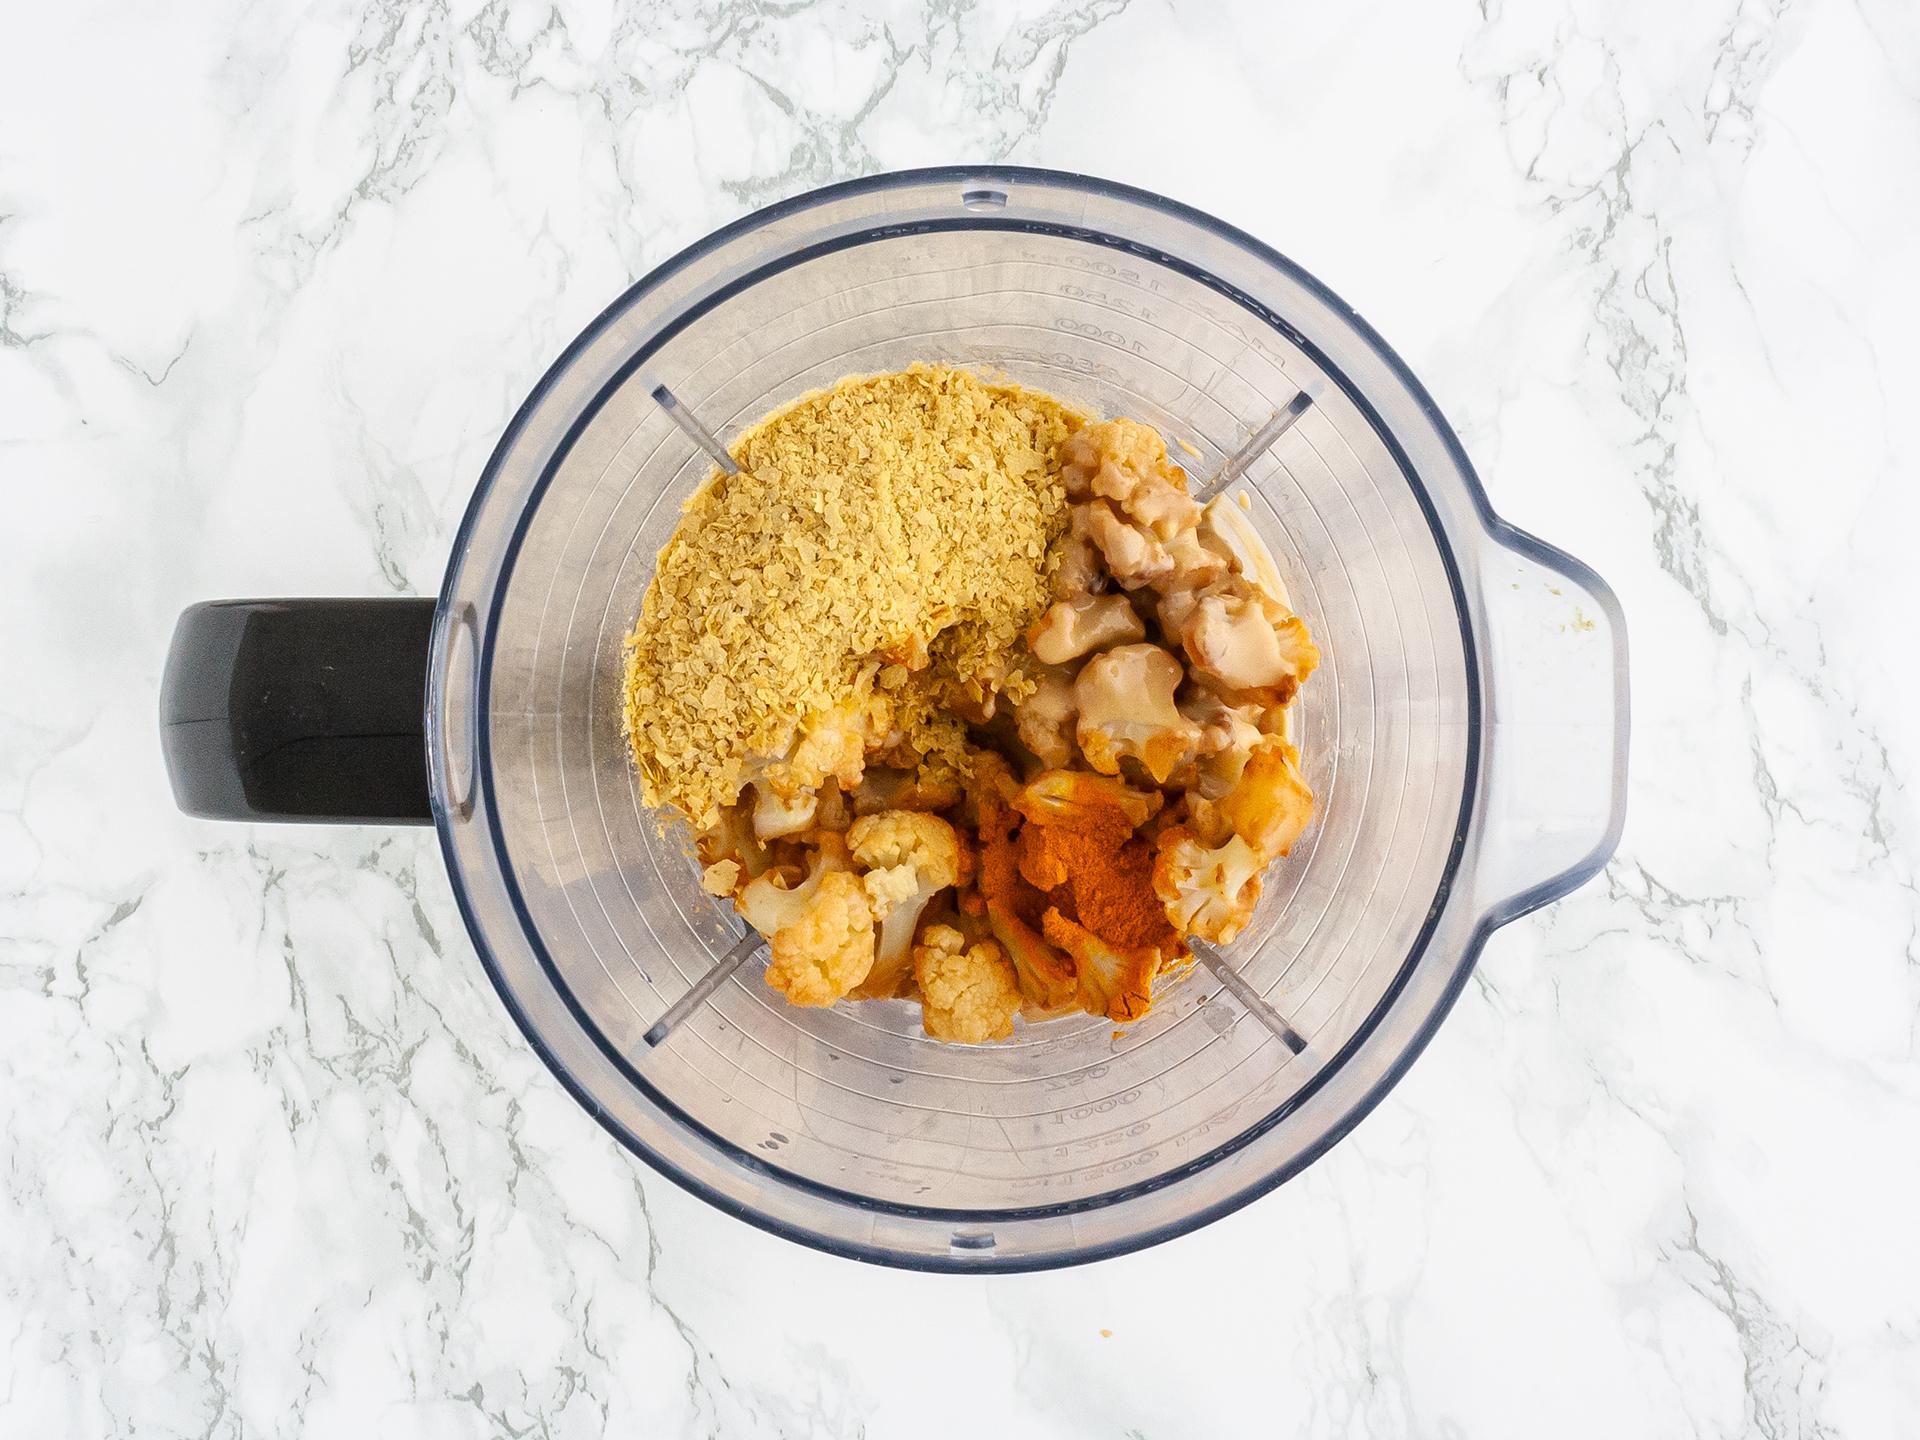 Step 2.1 of Vegan Cauliflower Cheese Sauce Recipe